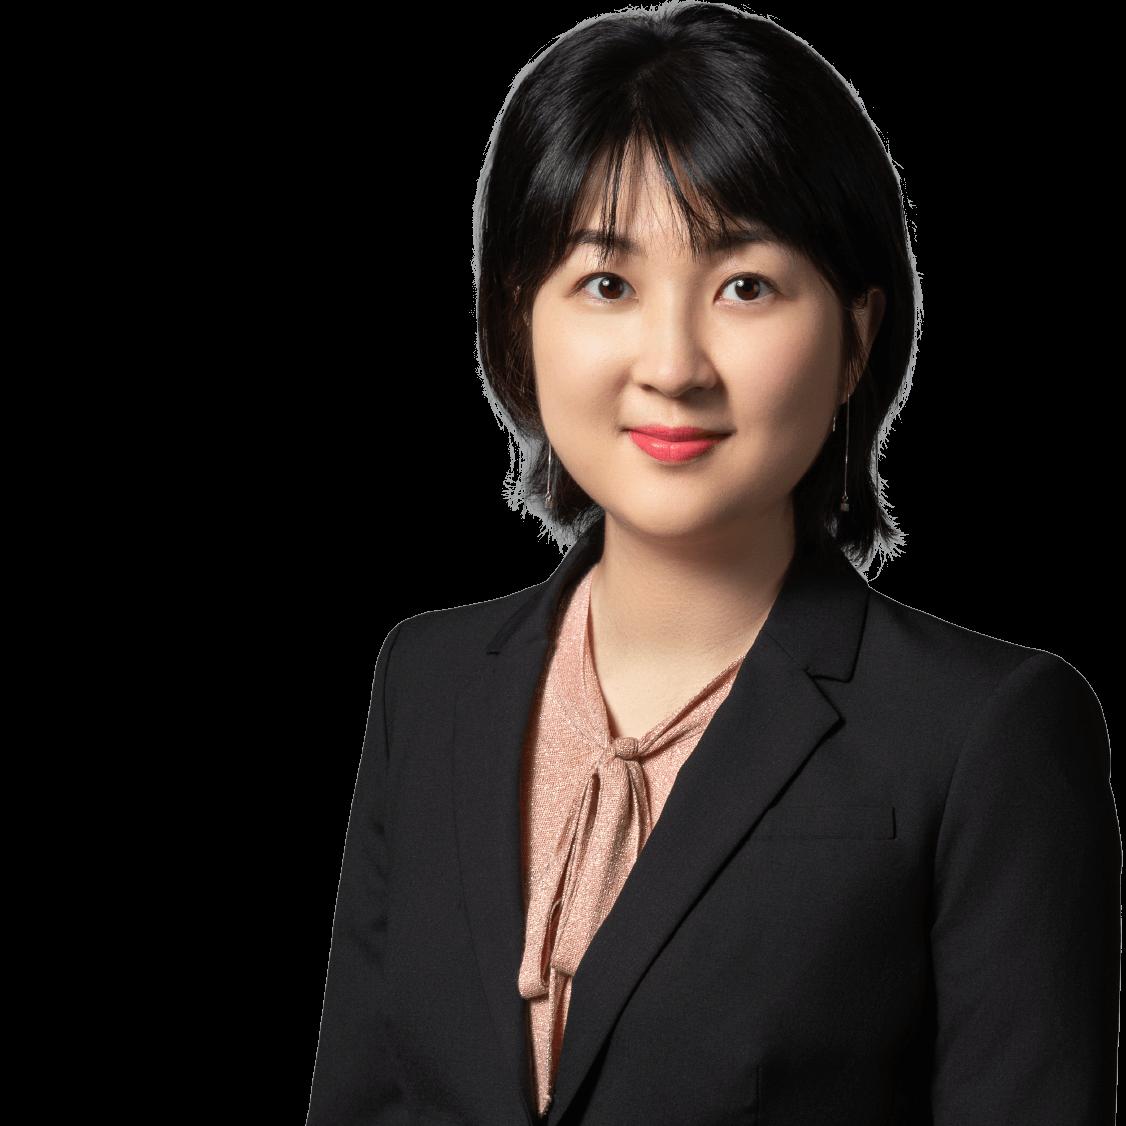 Jiabin Hong